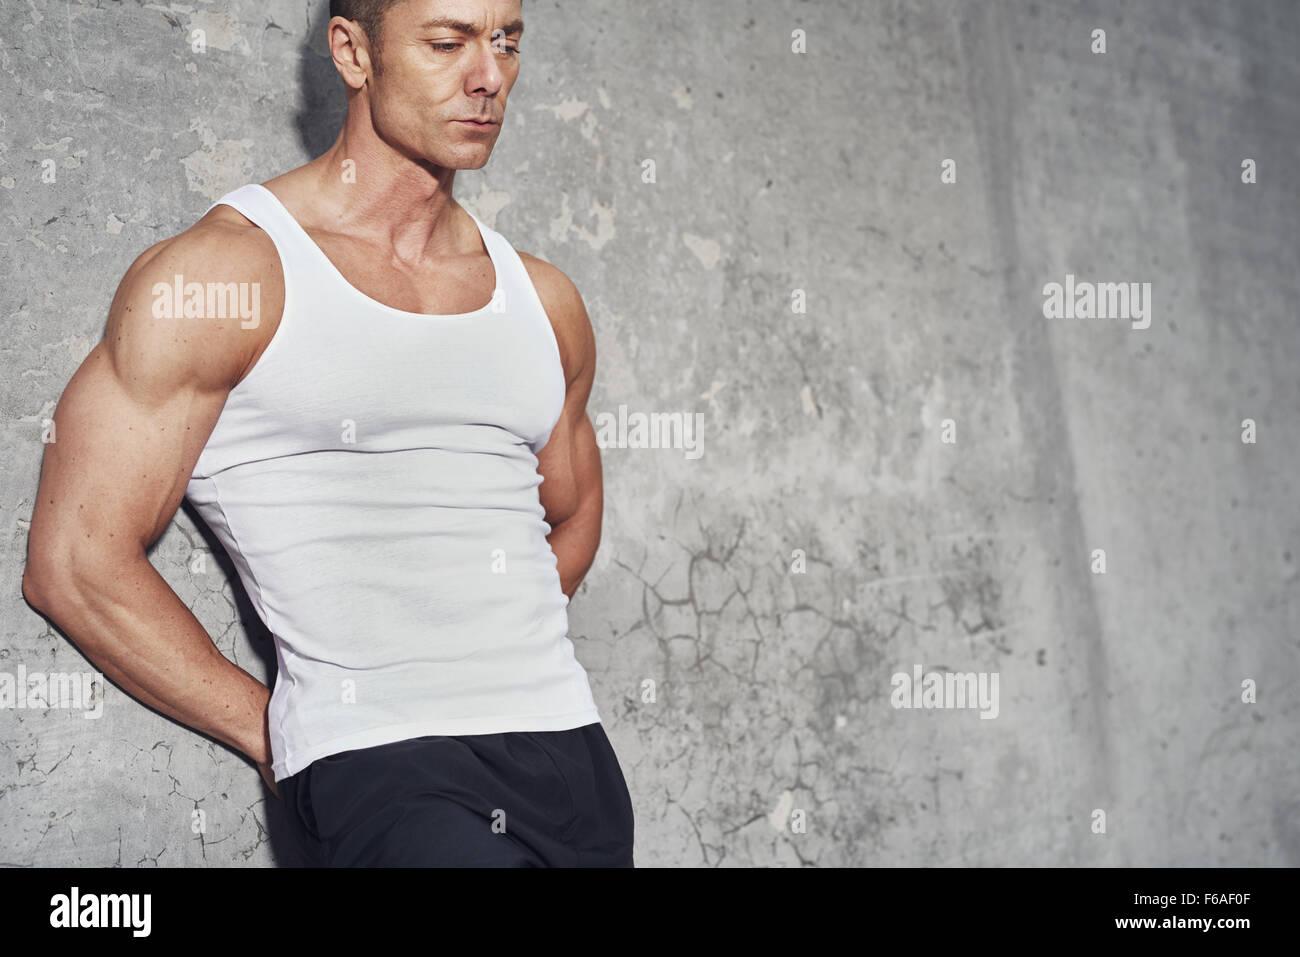 Cerrar concepto fitness retrato del hombre blanco, sanos y en forma, white tanktop, concepto de fitness Imagen De Stock